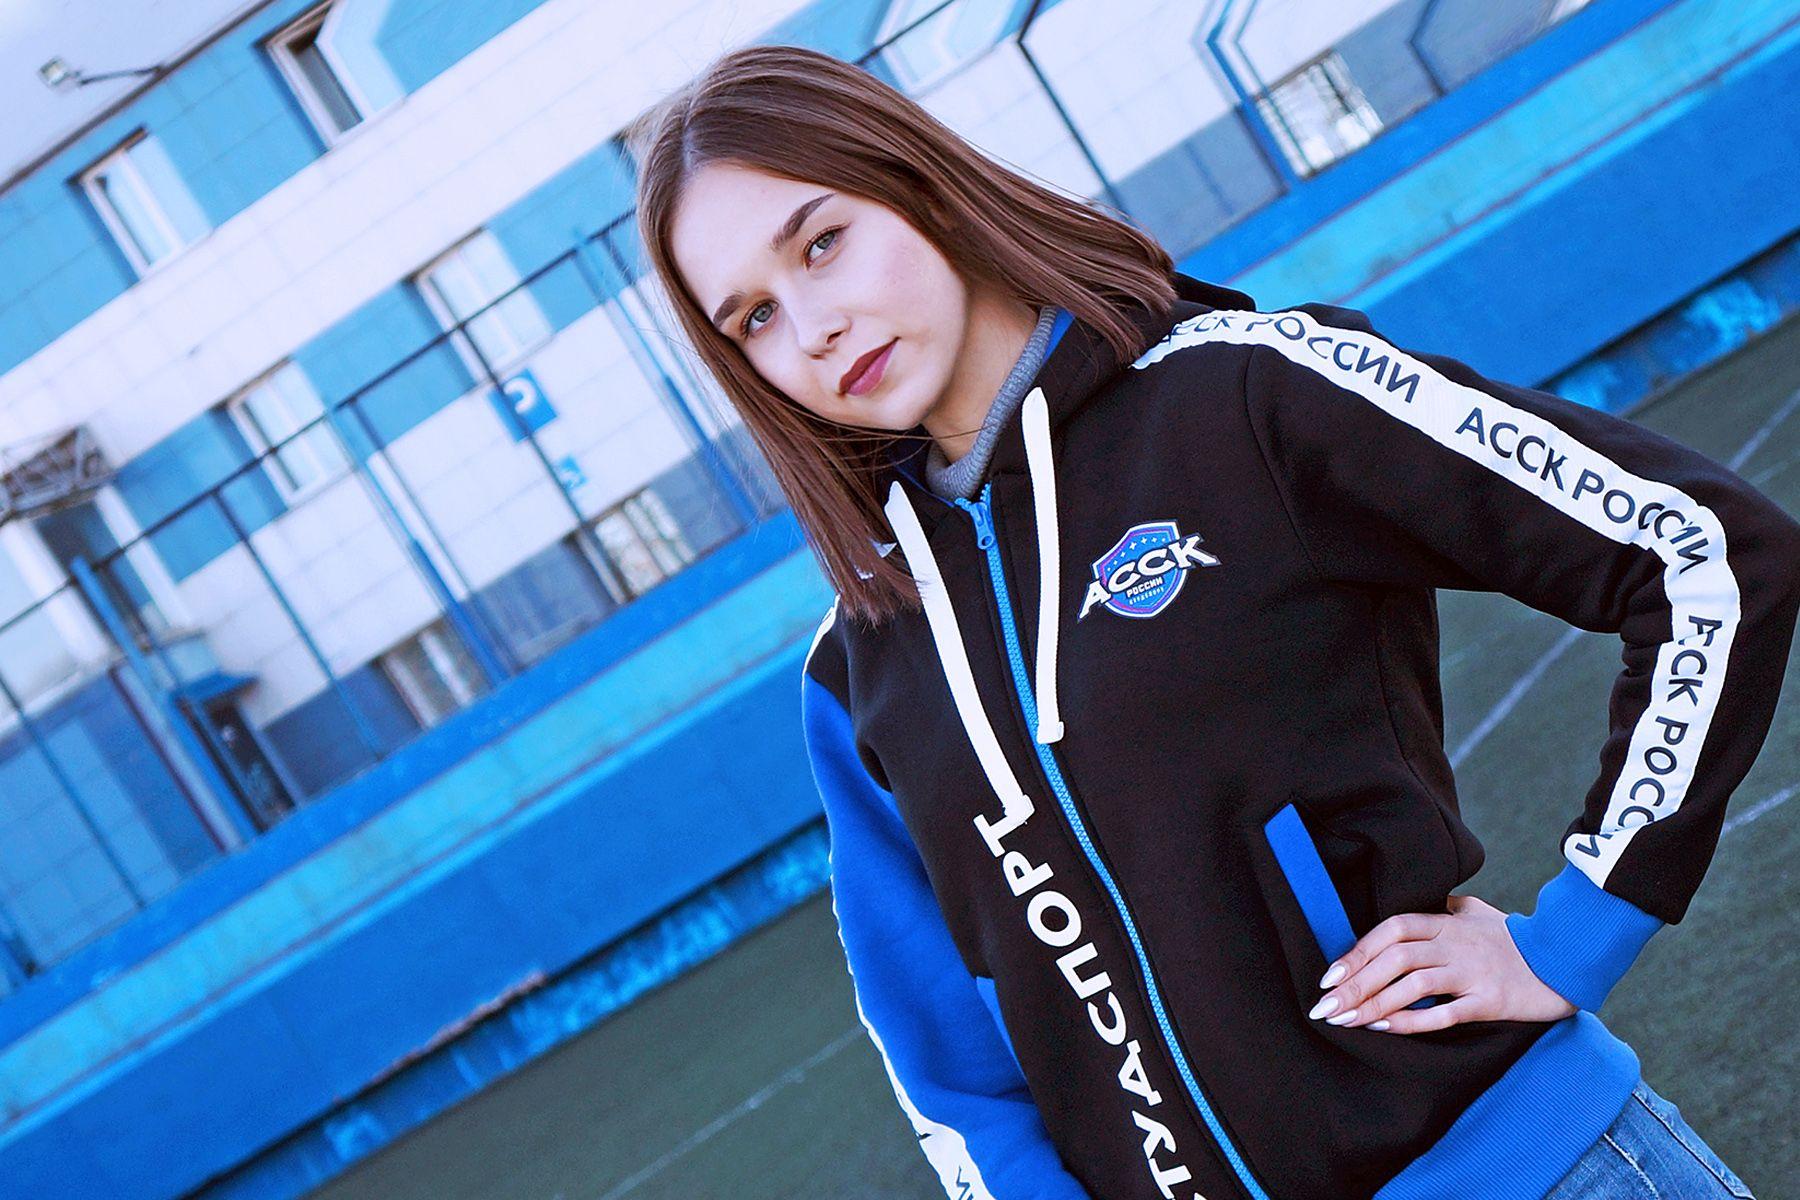 Специалист Управления молодежной политики ВГУЭС Виктория Мироненко стала координатором АССК России по Дальневосточному федеральному округу